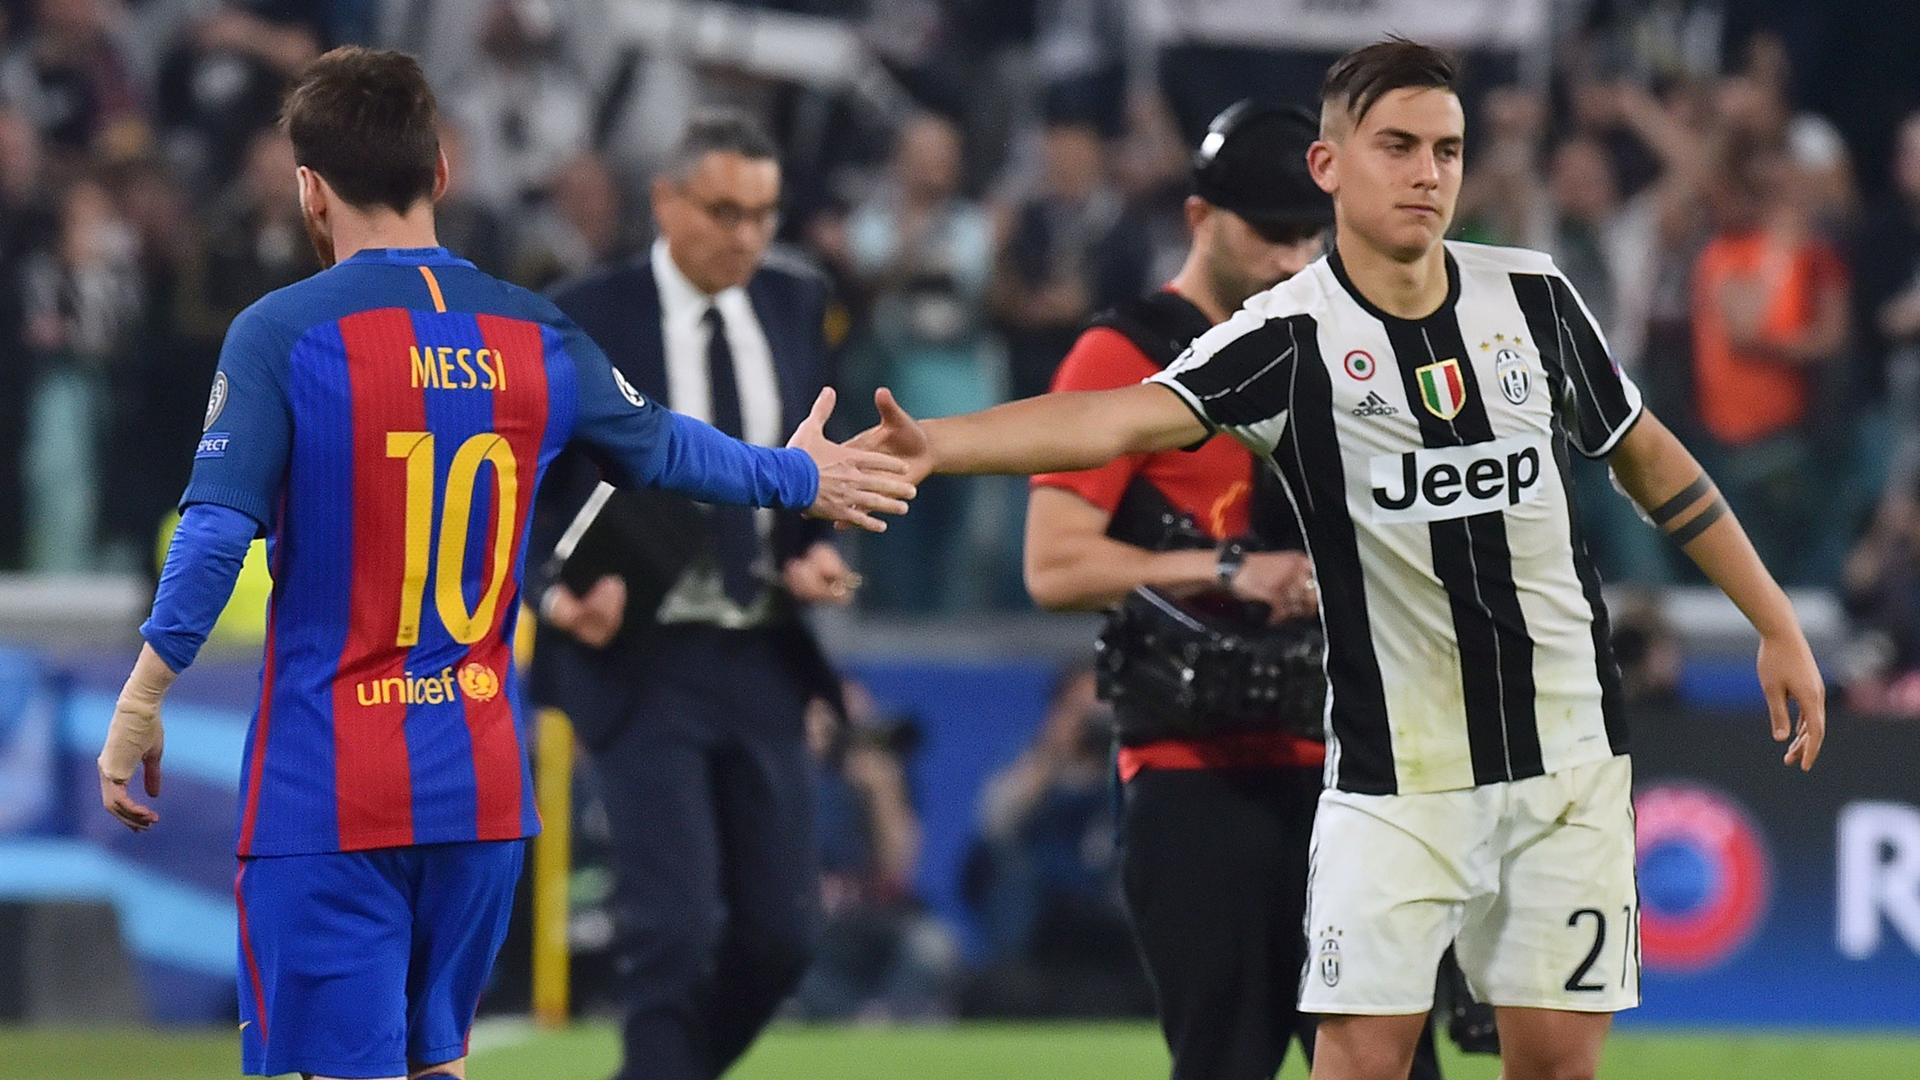 Szczesny si presenta alla Juve Ma con la maglia azzurro Napoli